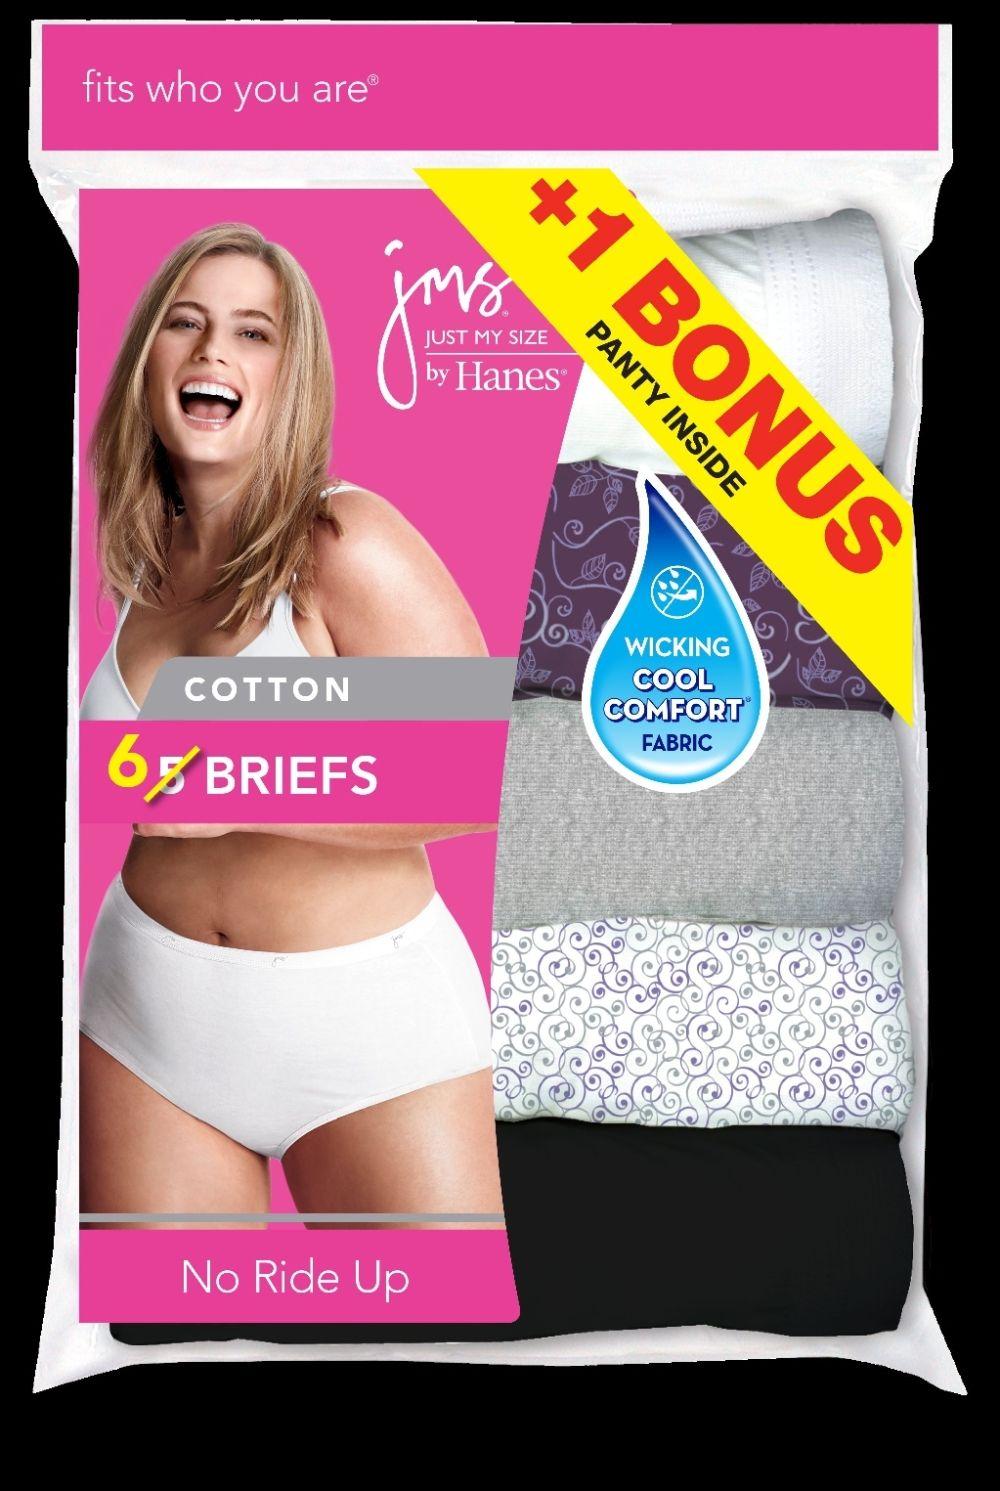 p6 brief - white women Just My Size